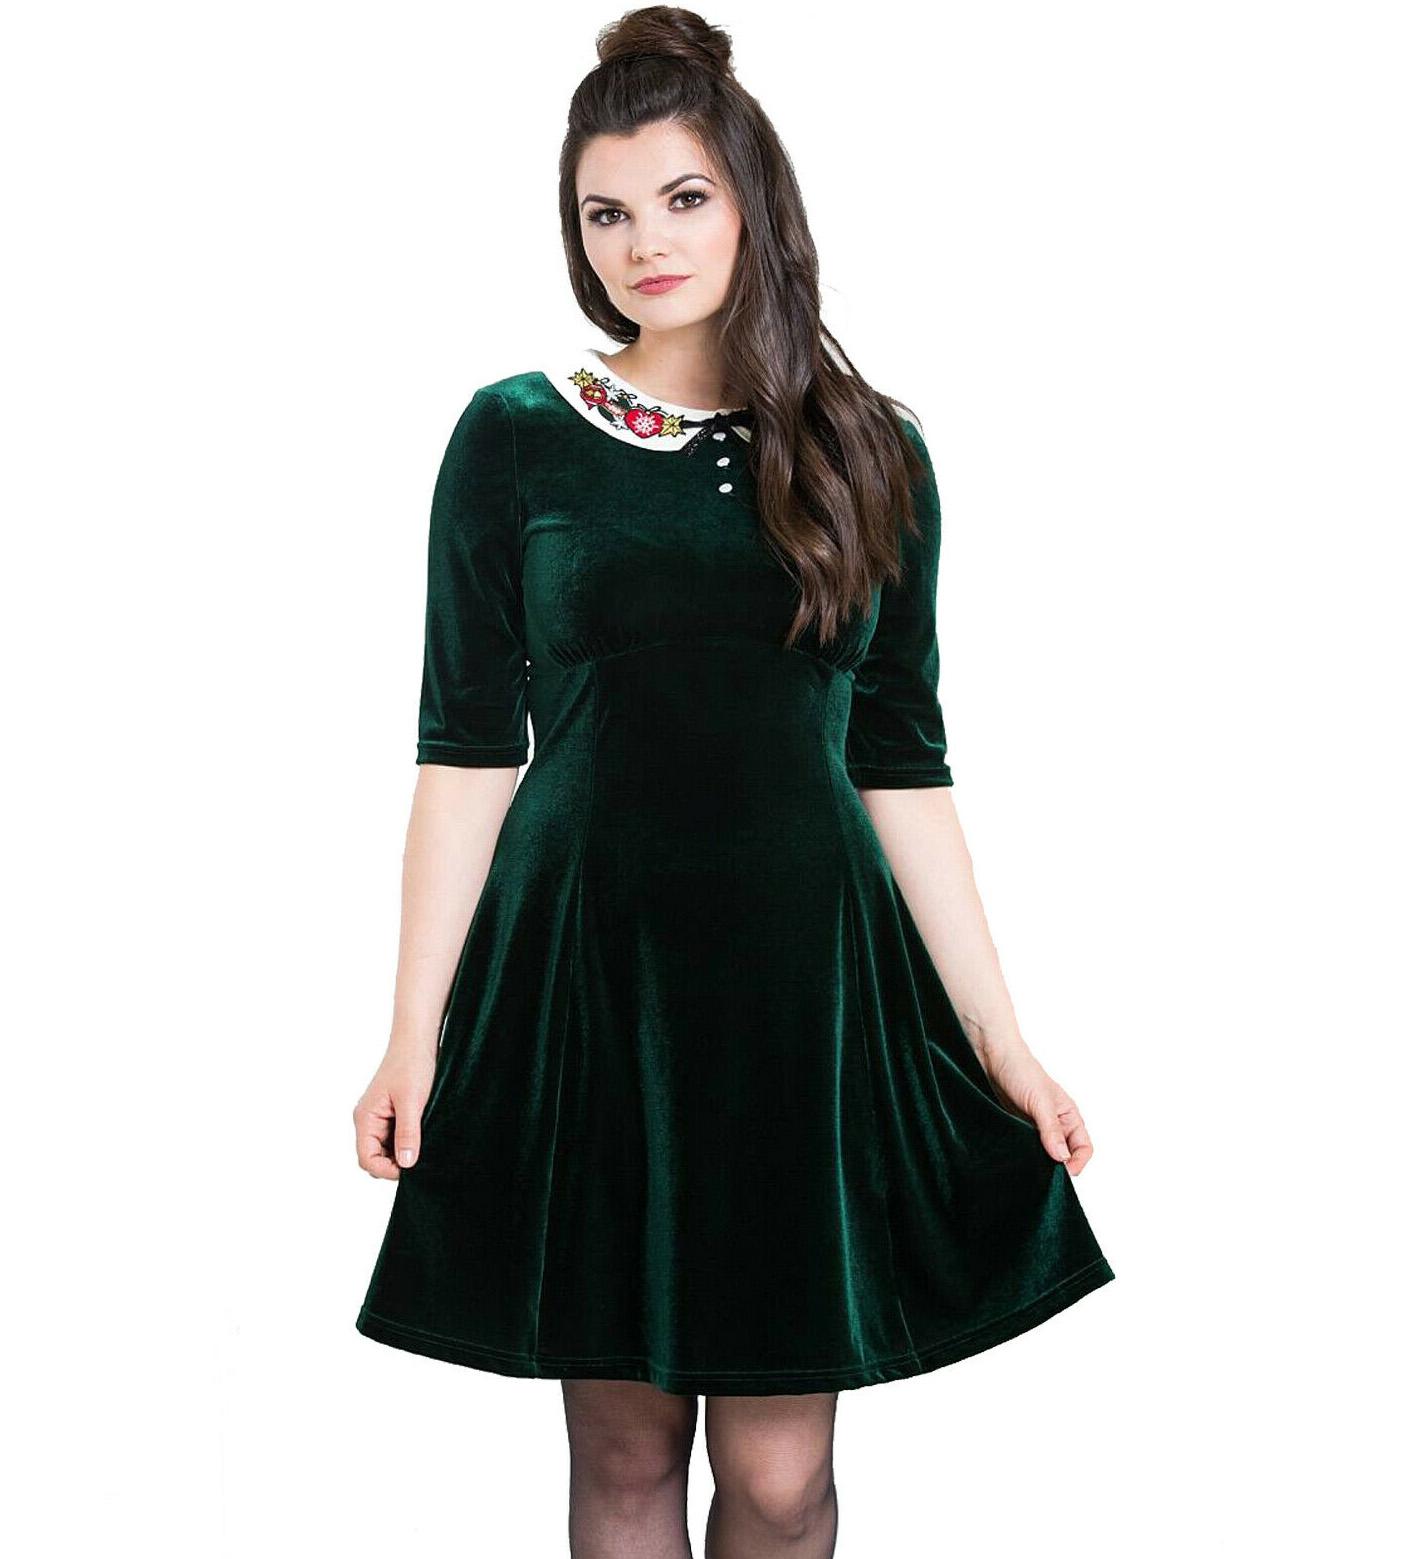 Hell-Bunny-Mini-Skater-Dress-Festive-Christmas-NICOLA-Green-Velvet-All-Sizes thumbnail 7